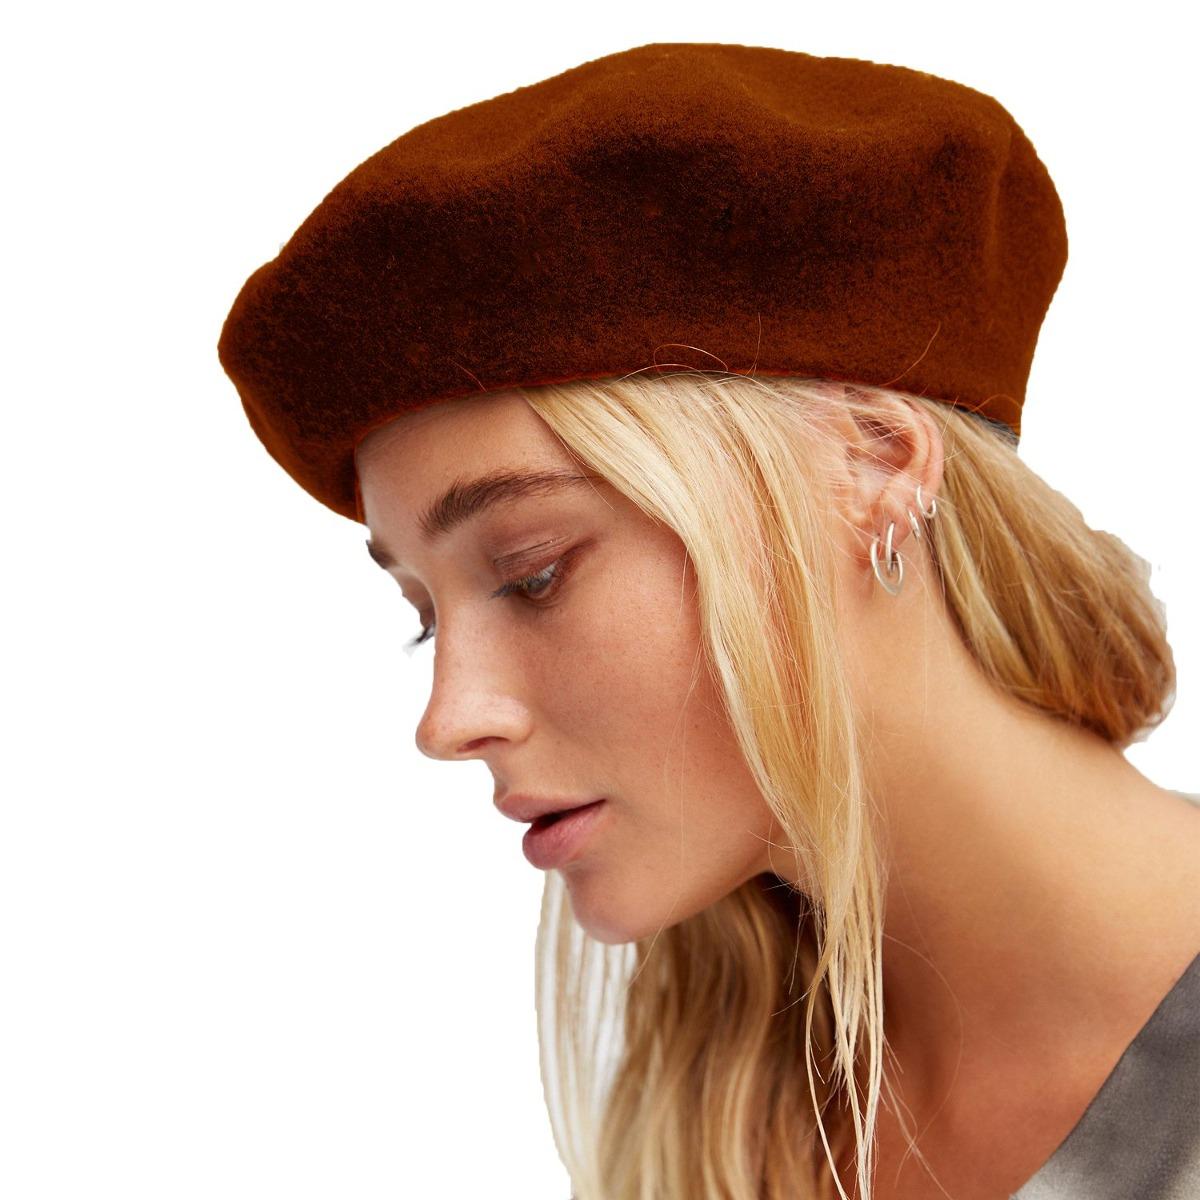 41f02a4188370 klong lana boina sombrero estilo francés mujeres color só. Cargando zoom.